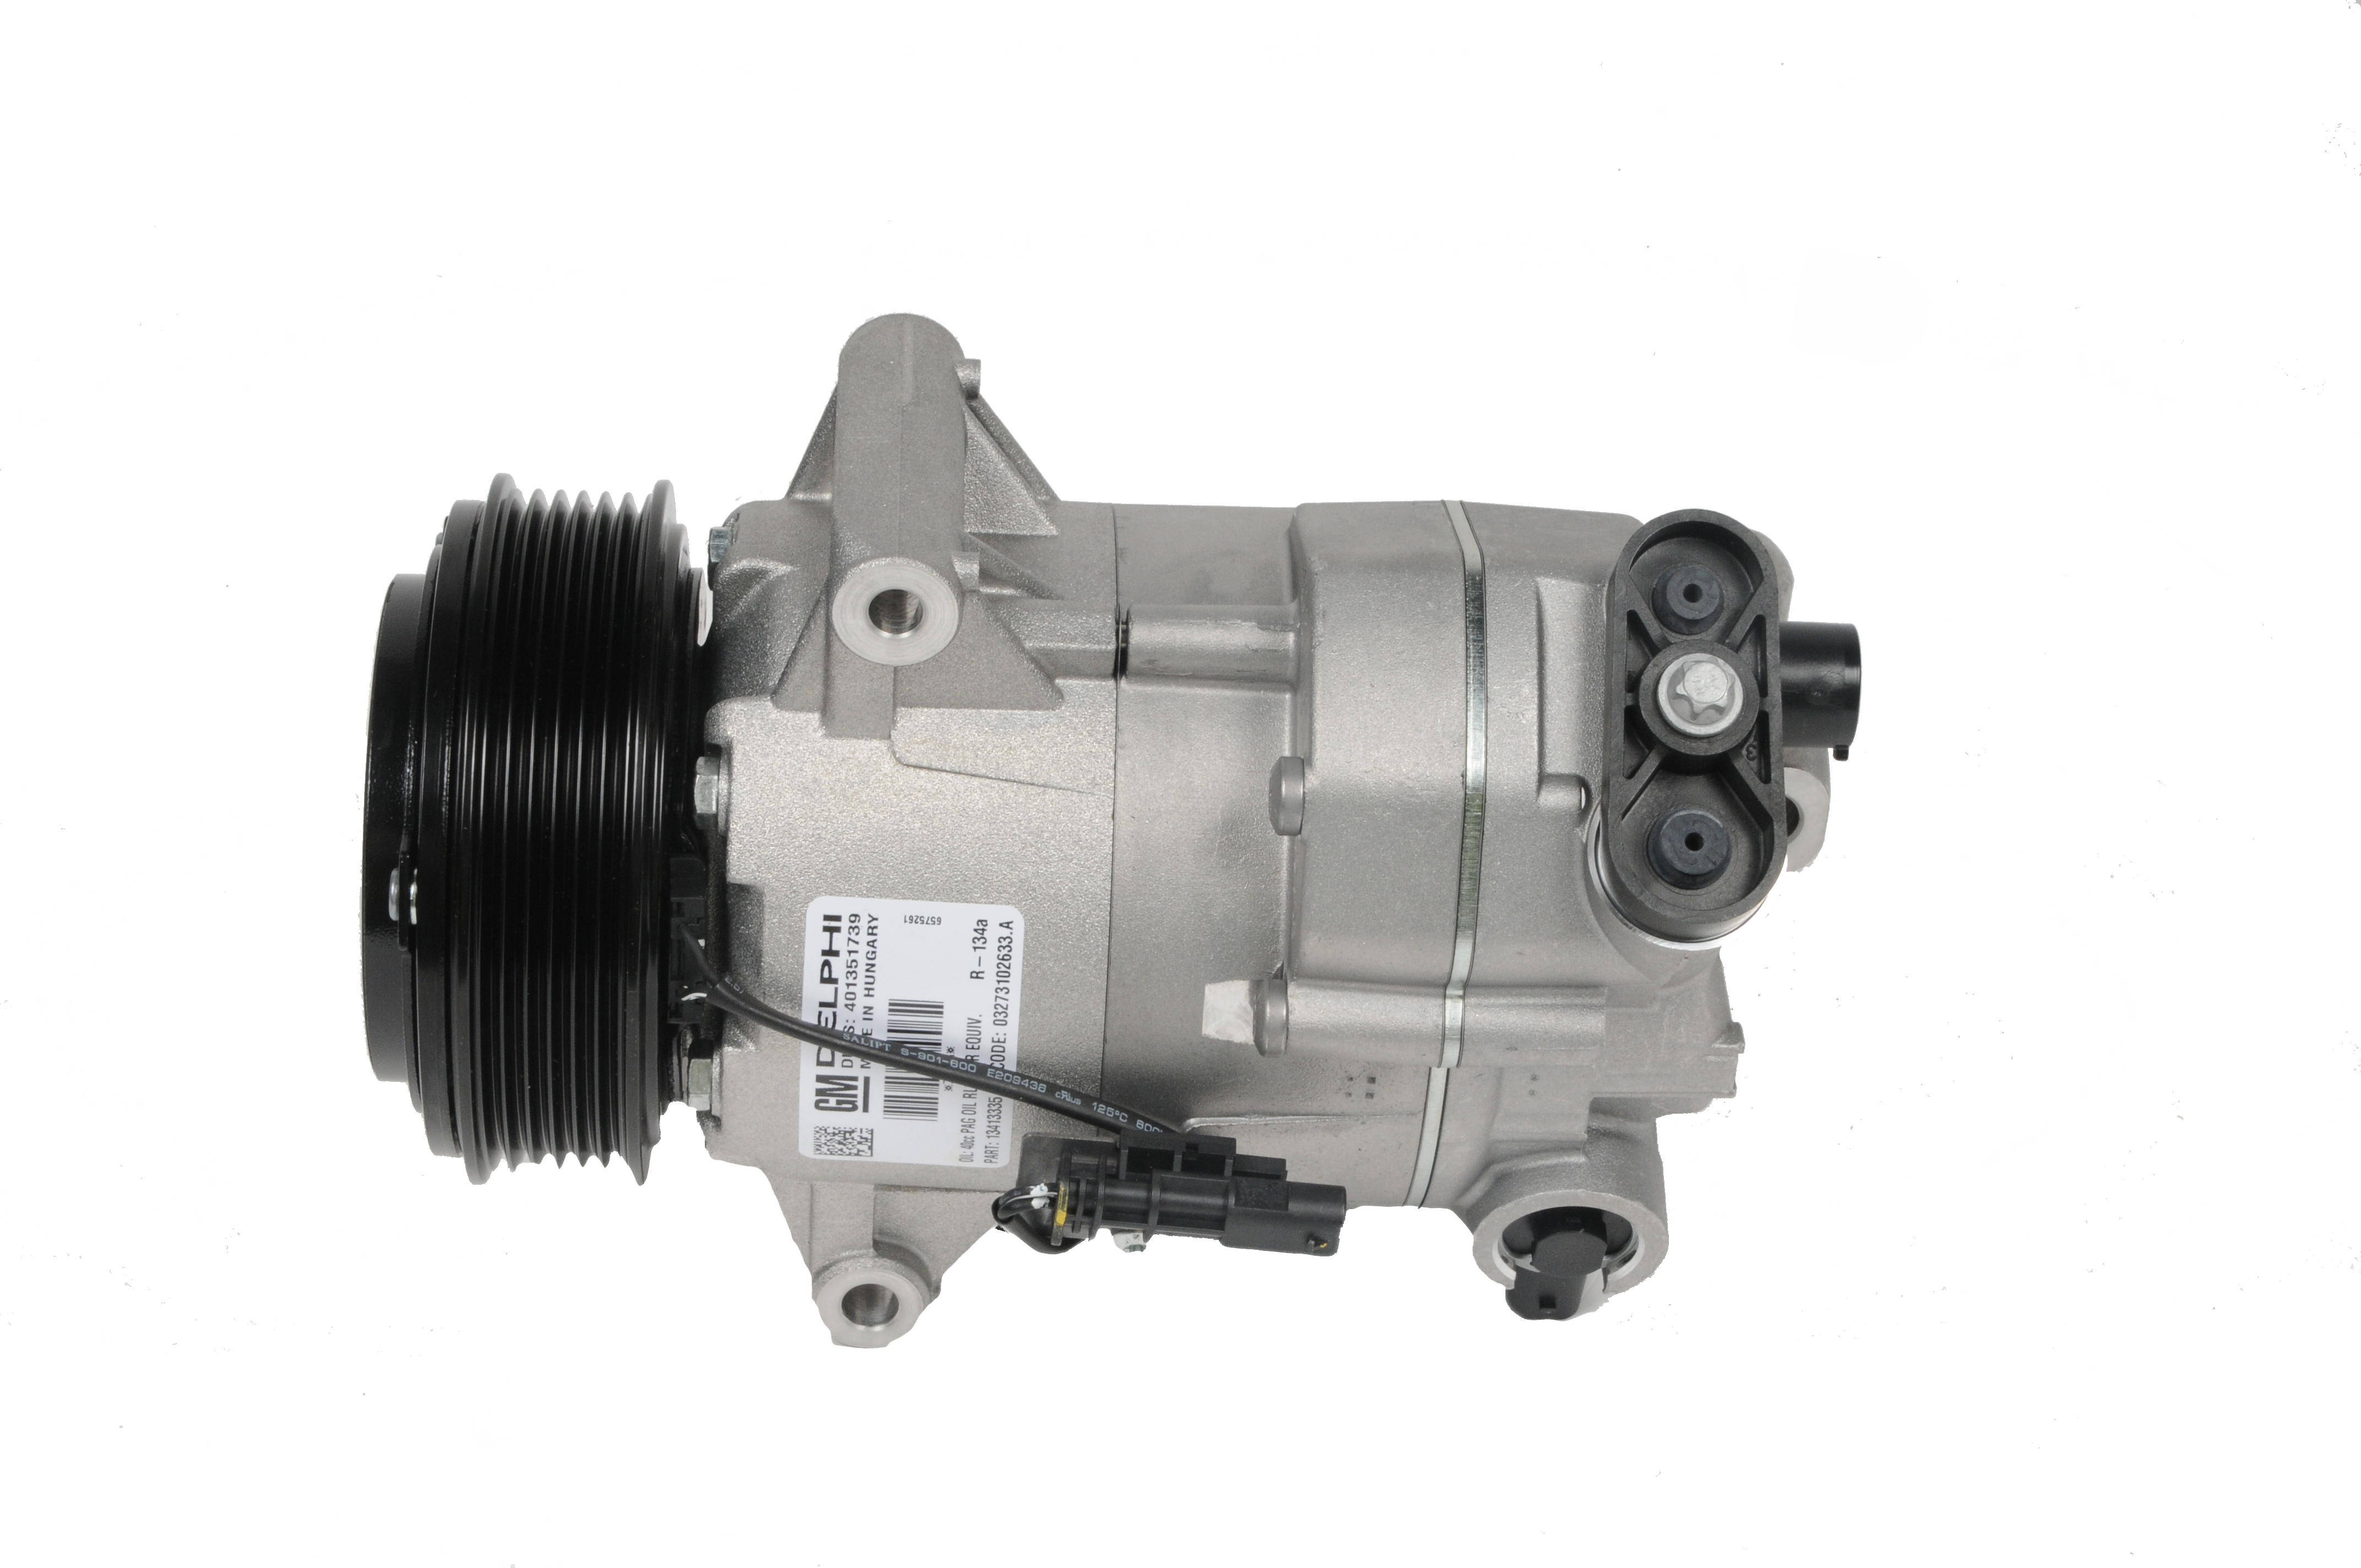 ACDELCO GM ORIGINAL EQUIPMENT - A/C Compressor and Clutch - DCB 15-22291